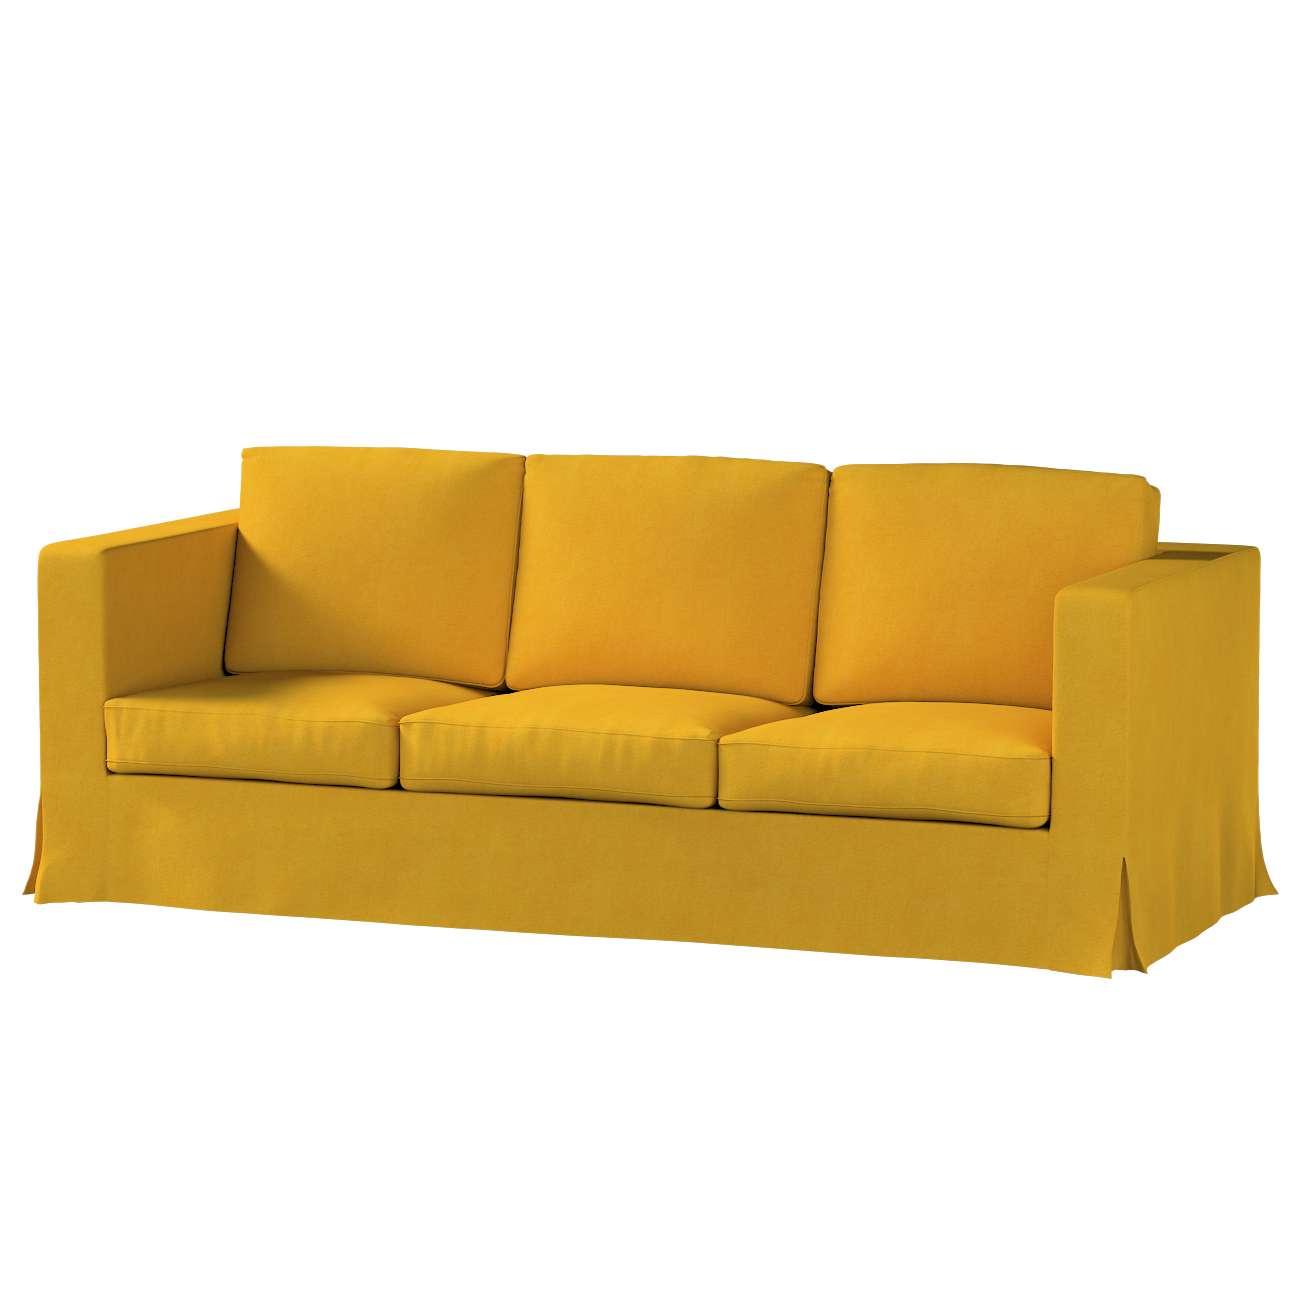 Karlanda klädsel 3-sits soffa - lång i kollektionen Etna, Tyg: 705-04